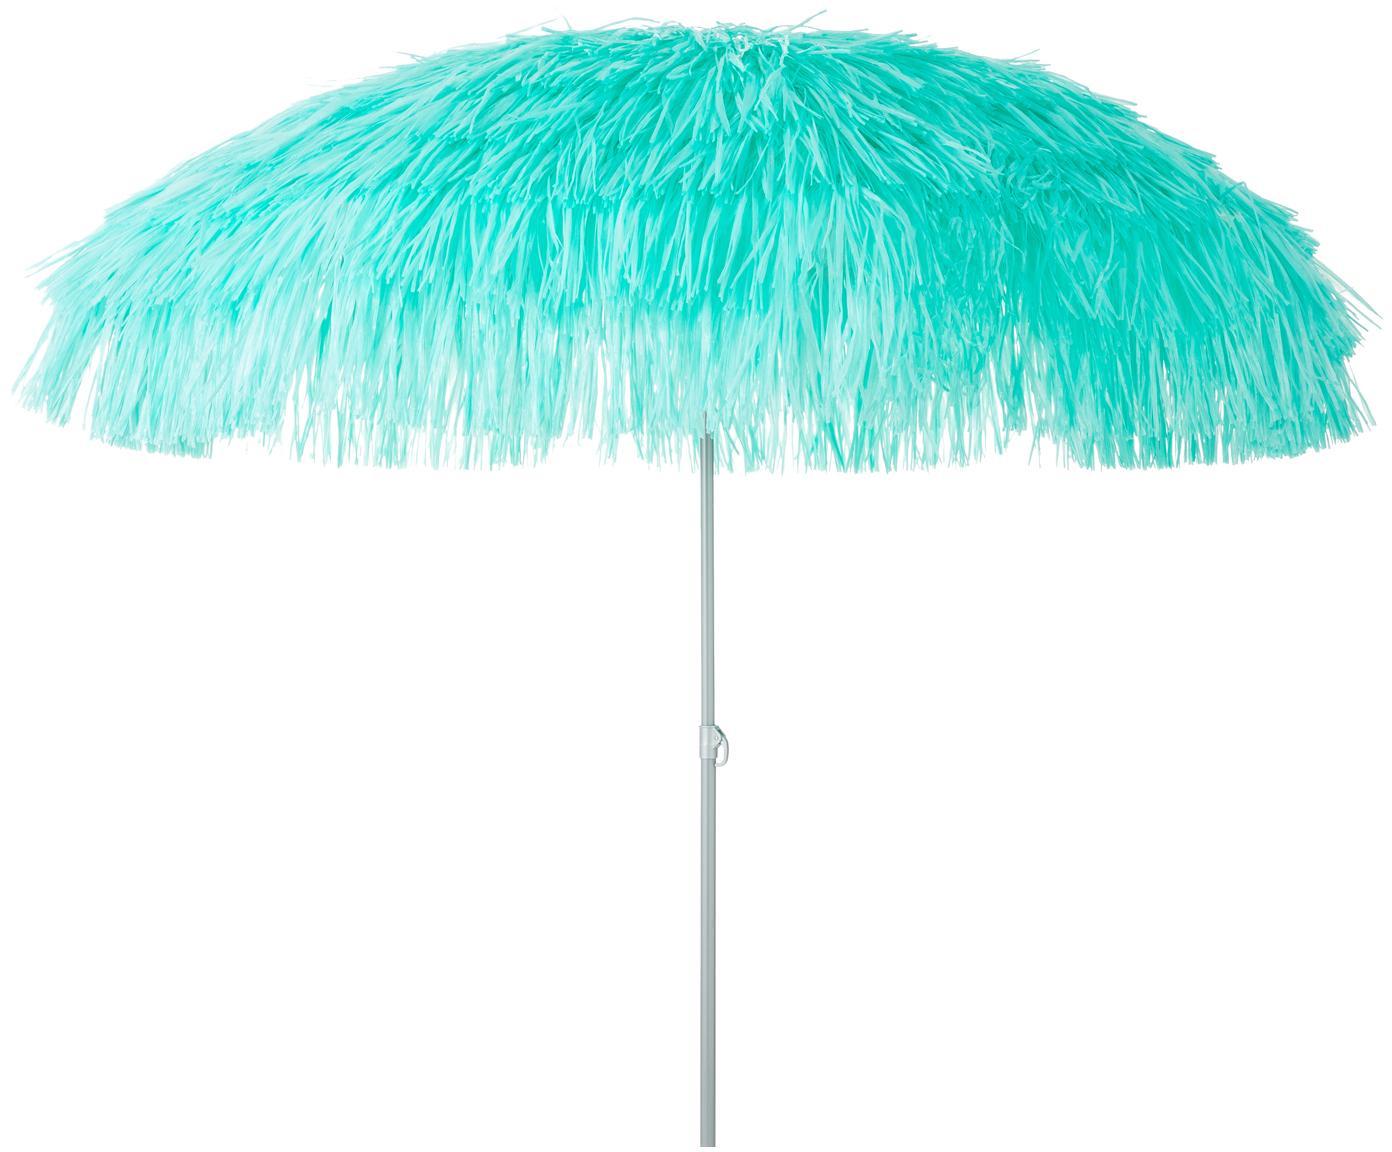 Parasol ogrodowy Hawaii, Turkusowy, Ø 200 x W 210 cm